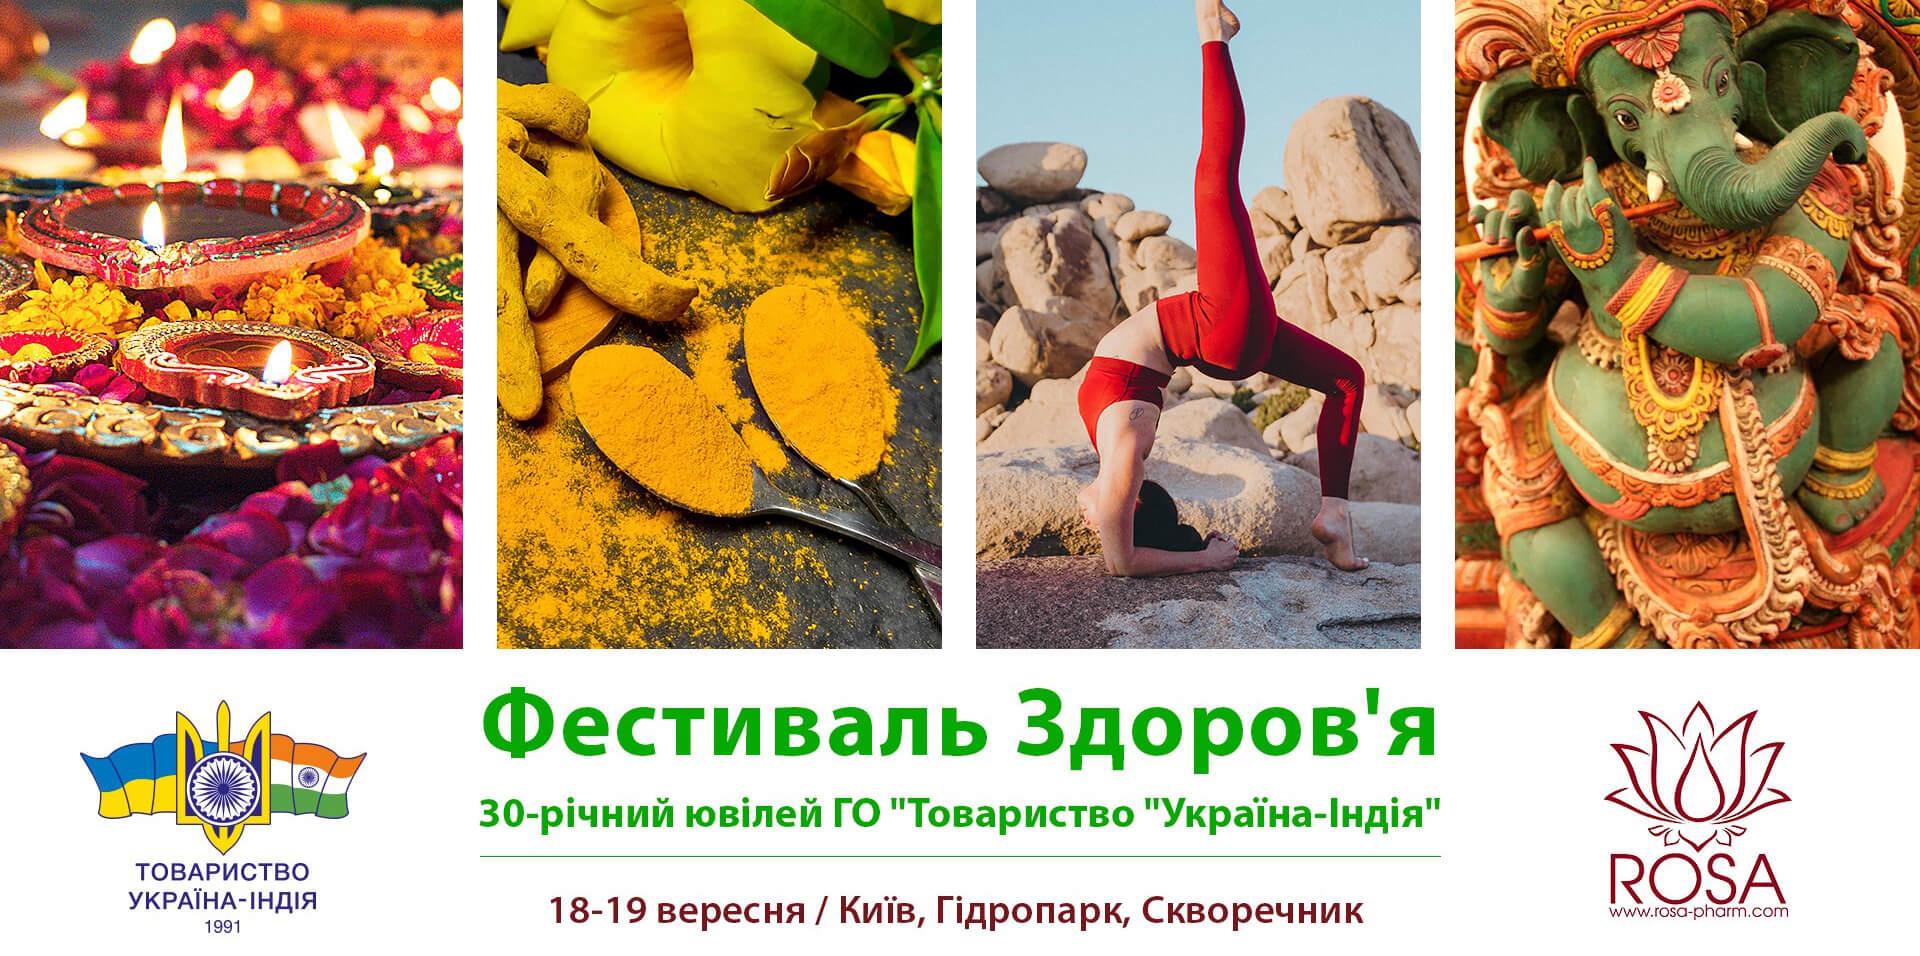 Фестиваль Здоров'я: cвяткування 30-річного ювілею • Магазин ROSA